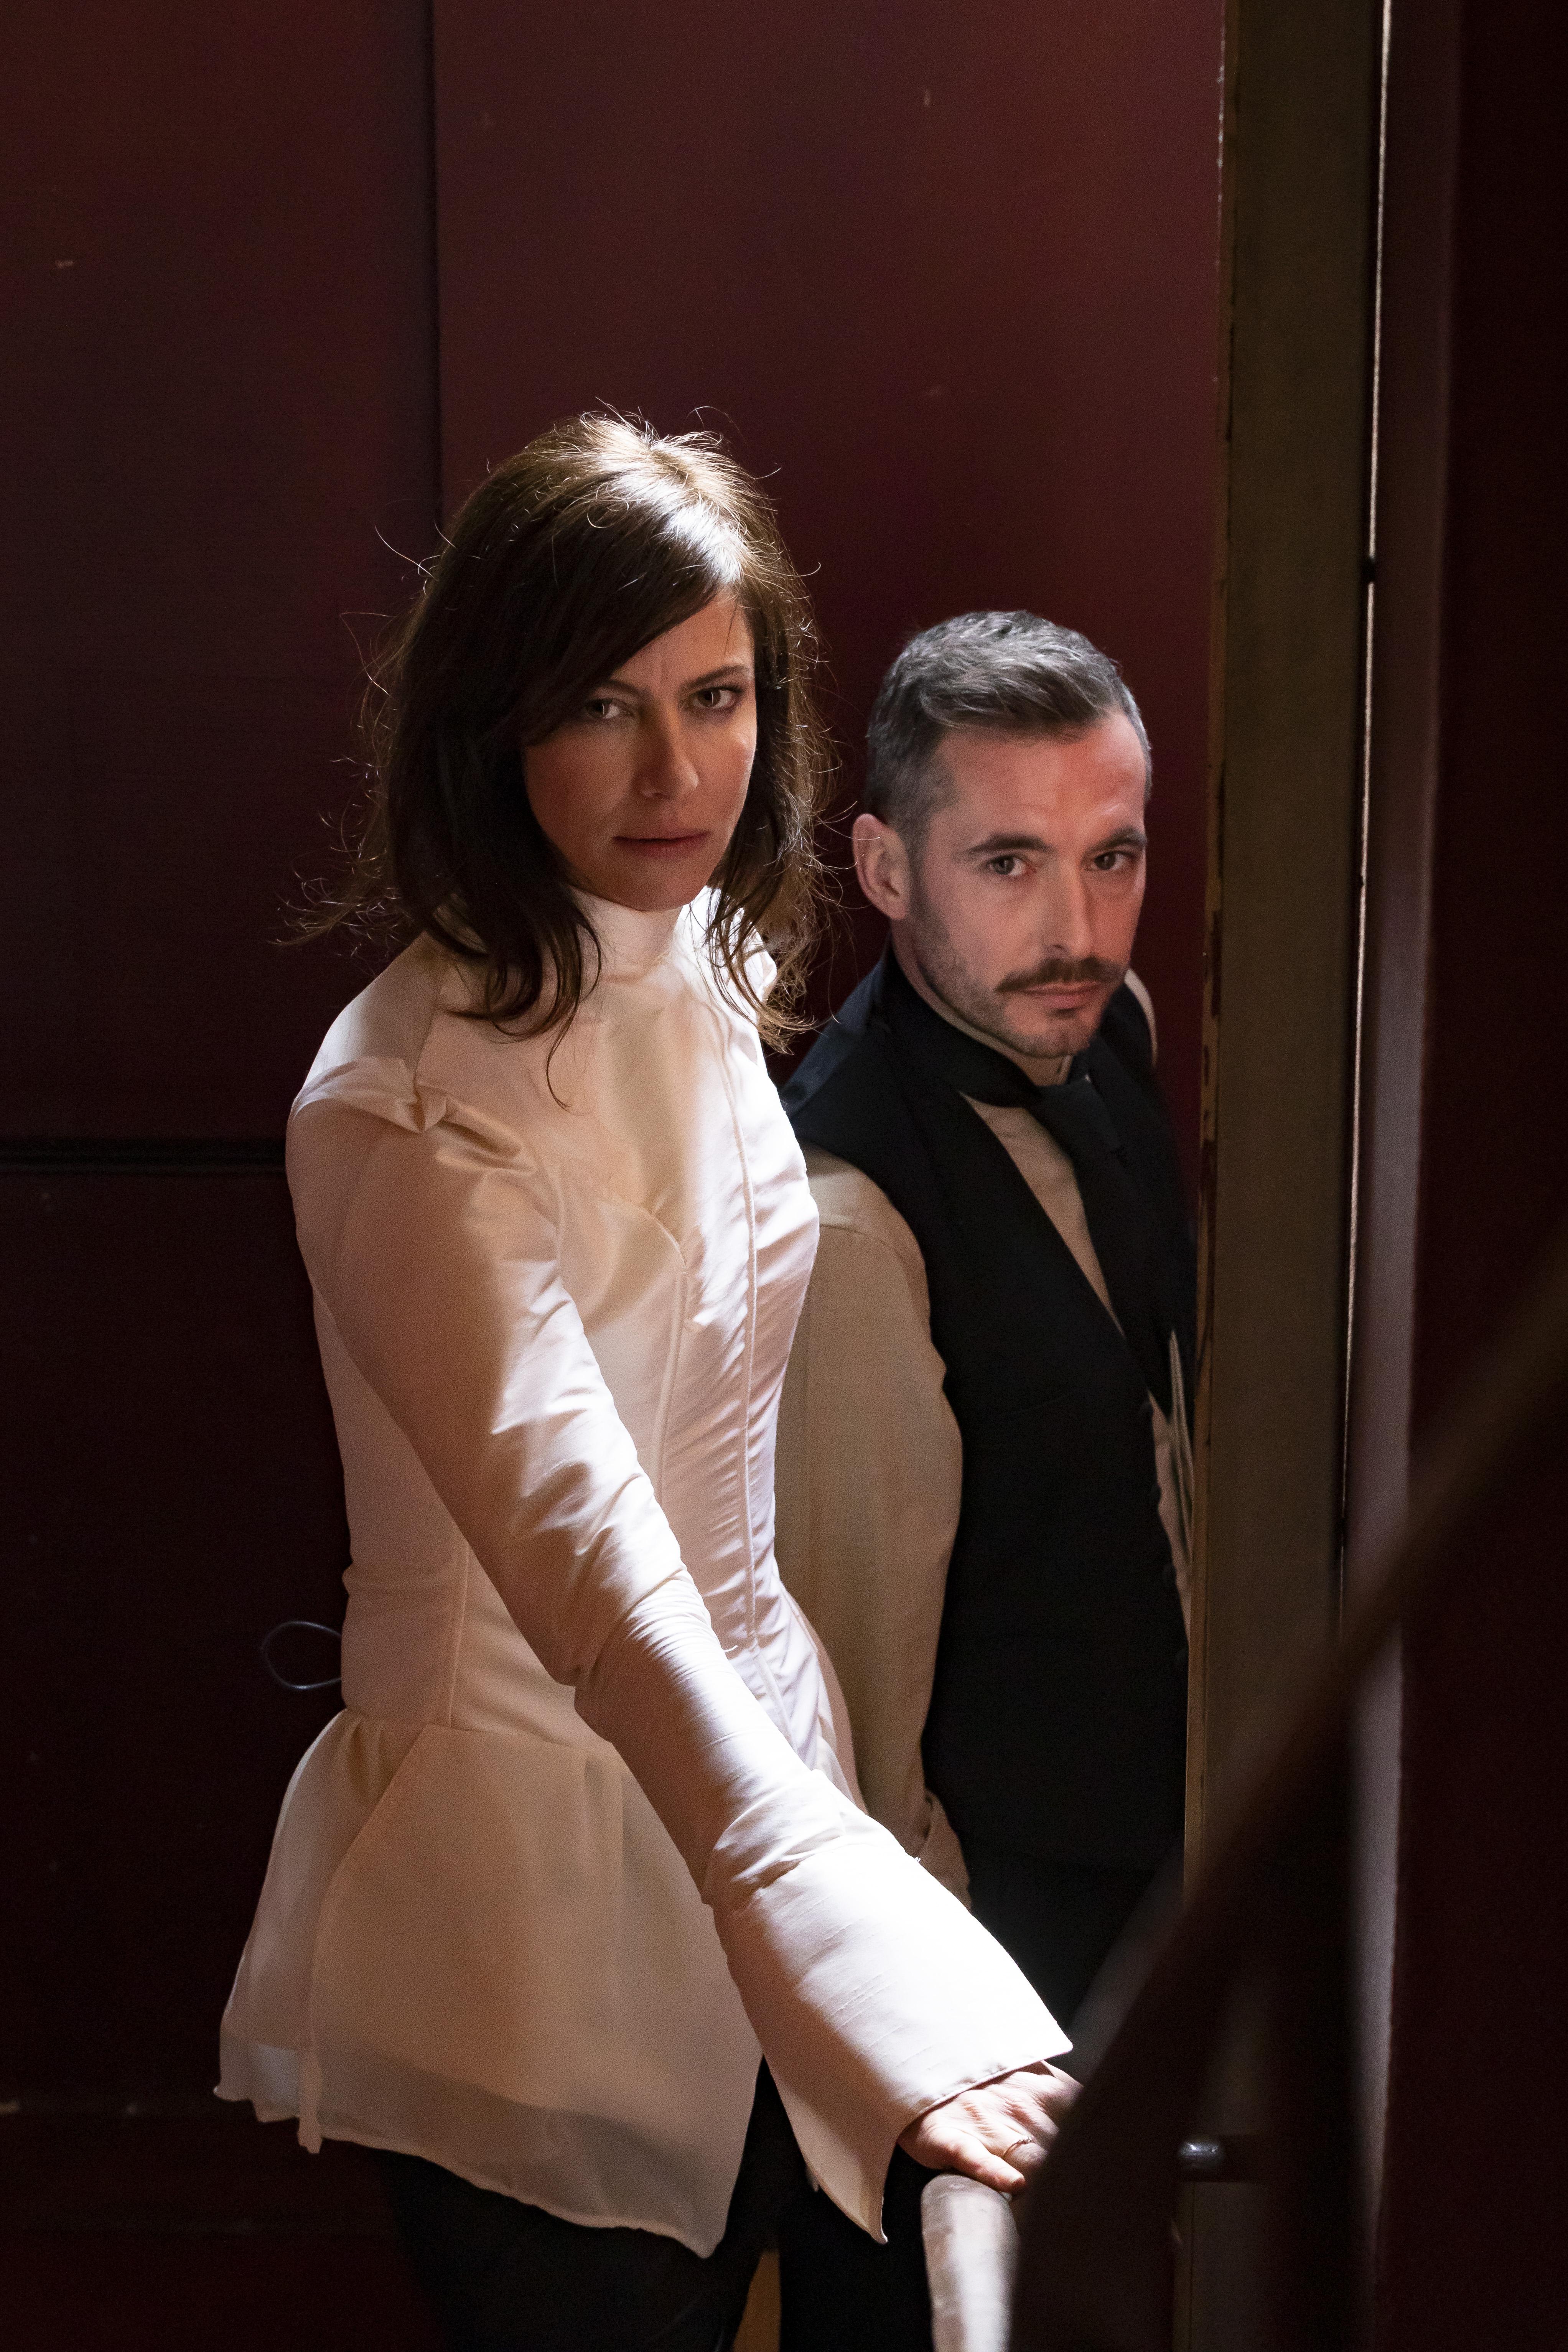 Reportage Pièce Mademoiselle Julie, mise en scène Julie Brochen avec Anna Mouglalis et Xavier Legrand